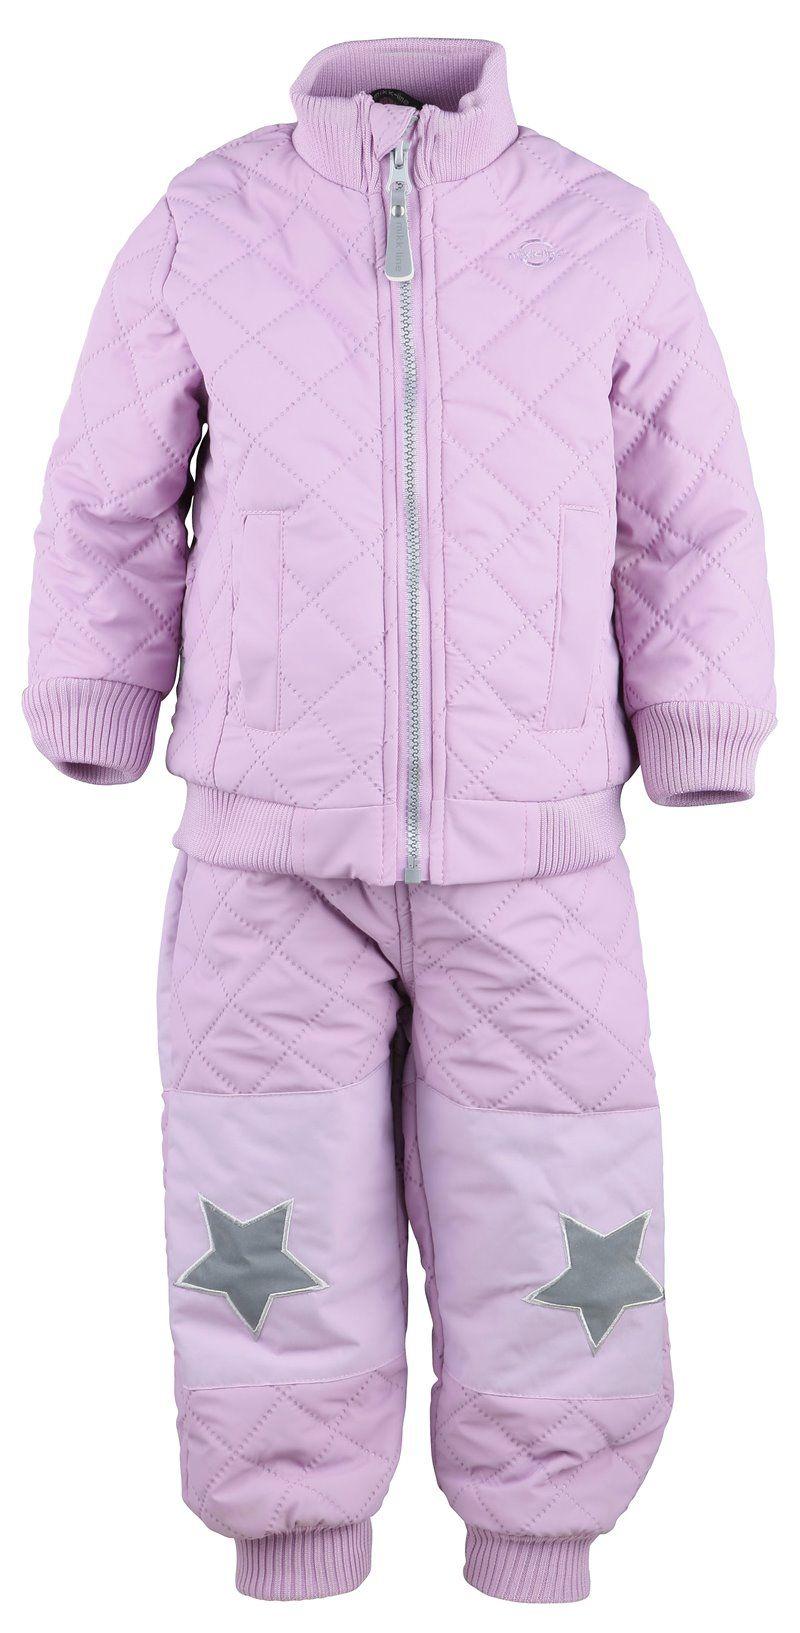 Billede af Coated termotøj fra Mikk-Line - Foret jakke - Violet